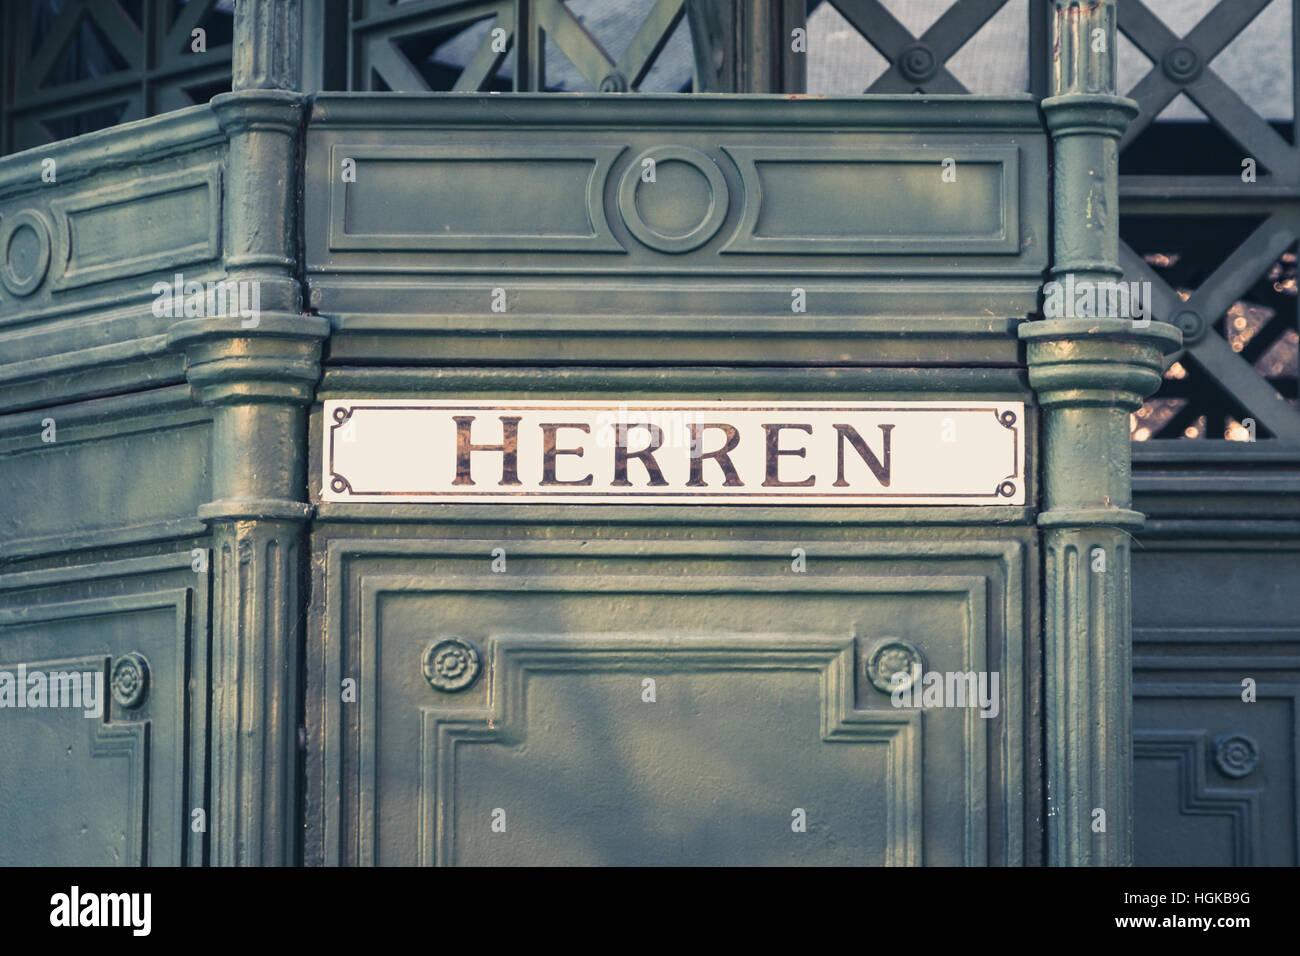 the german word 'Herren' (men) at historic public restroom, - Stock Image